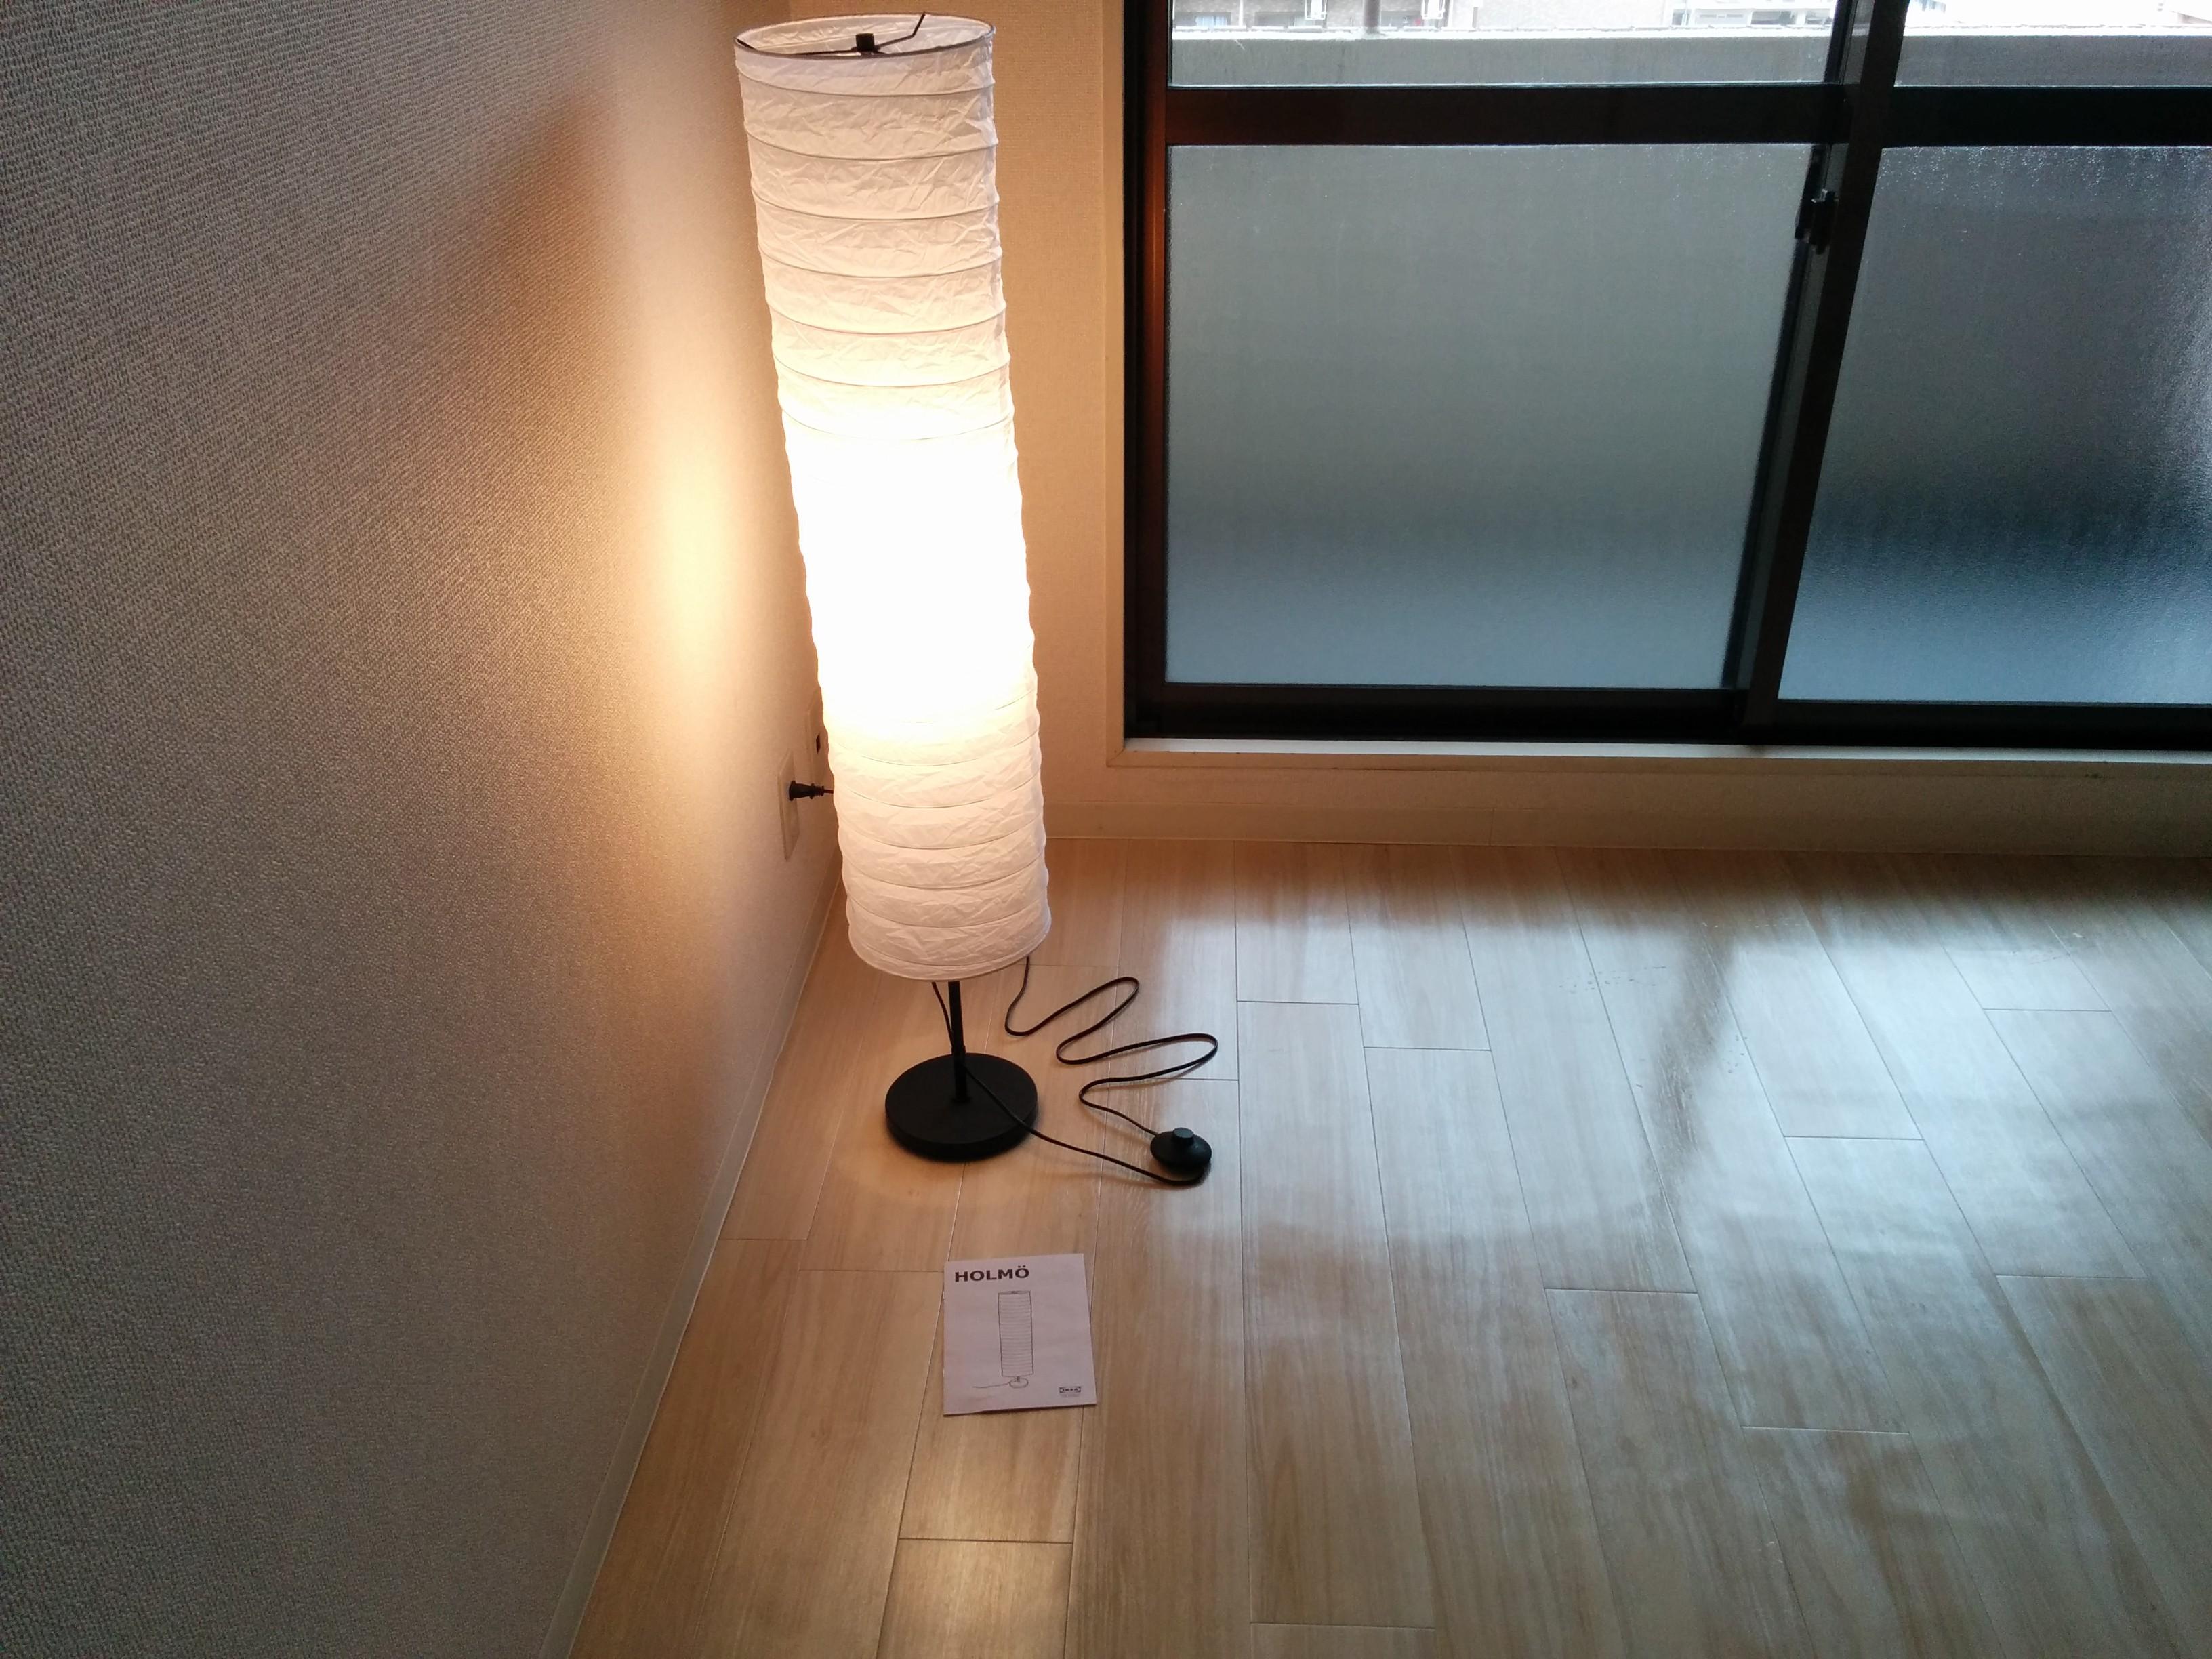 IKEA HOLMO Floor Lamp  イケアのフロアランプ(ライト)